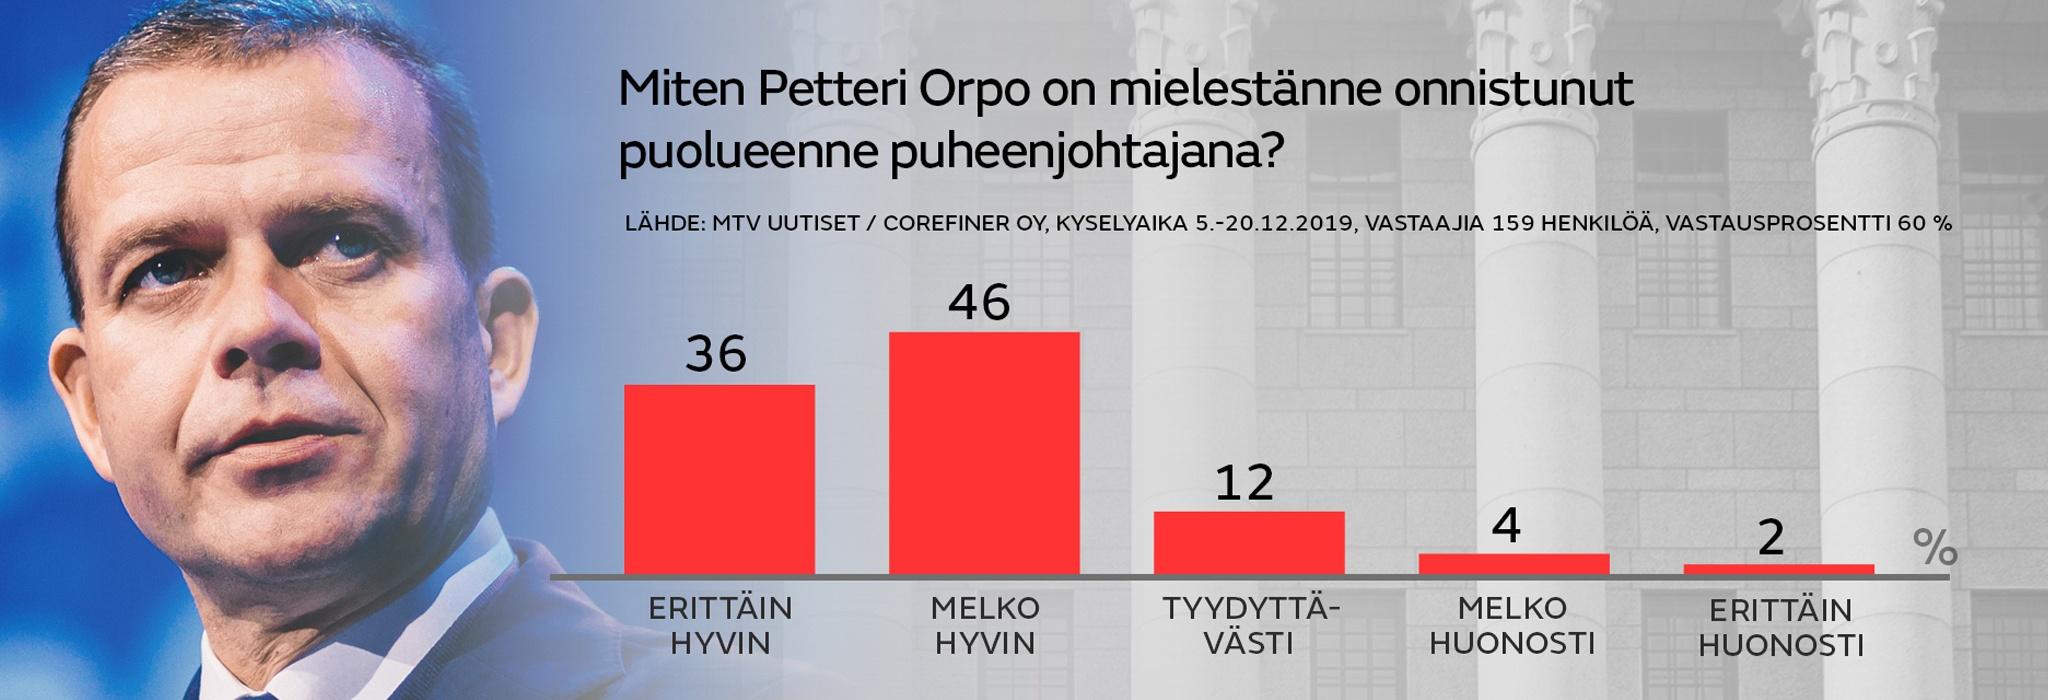 Kokoomus Miten Petteri Orpo on mielestanne onnistunut